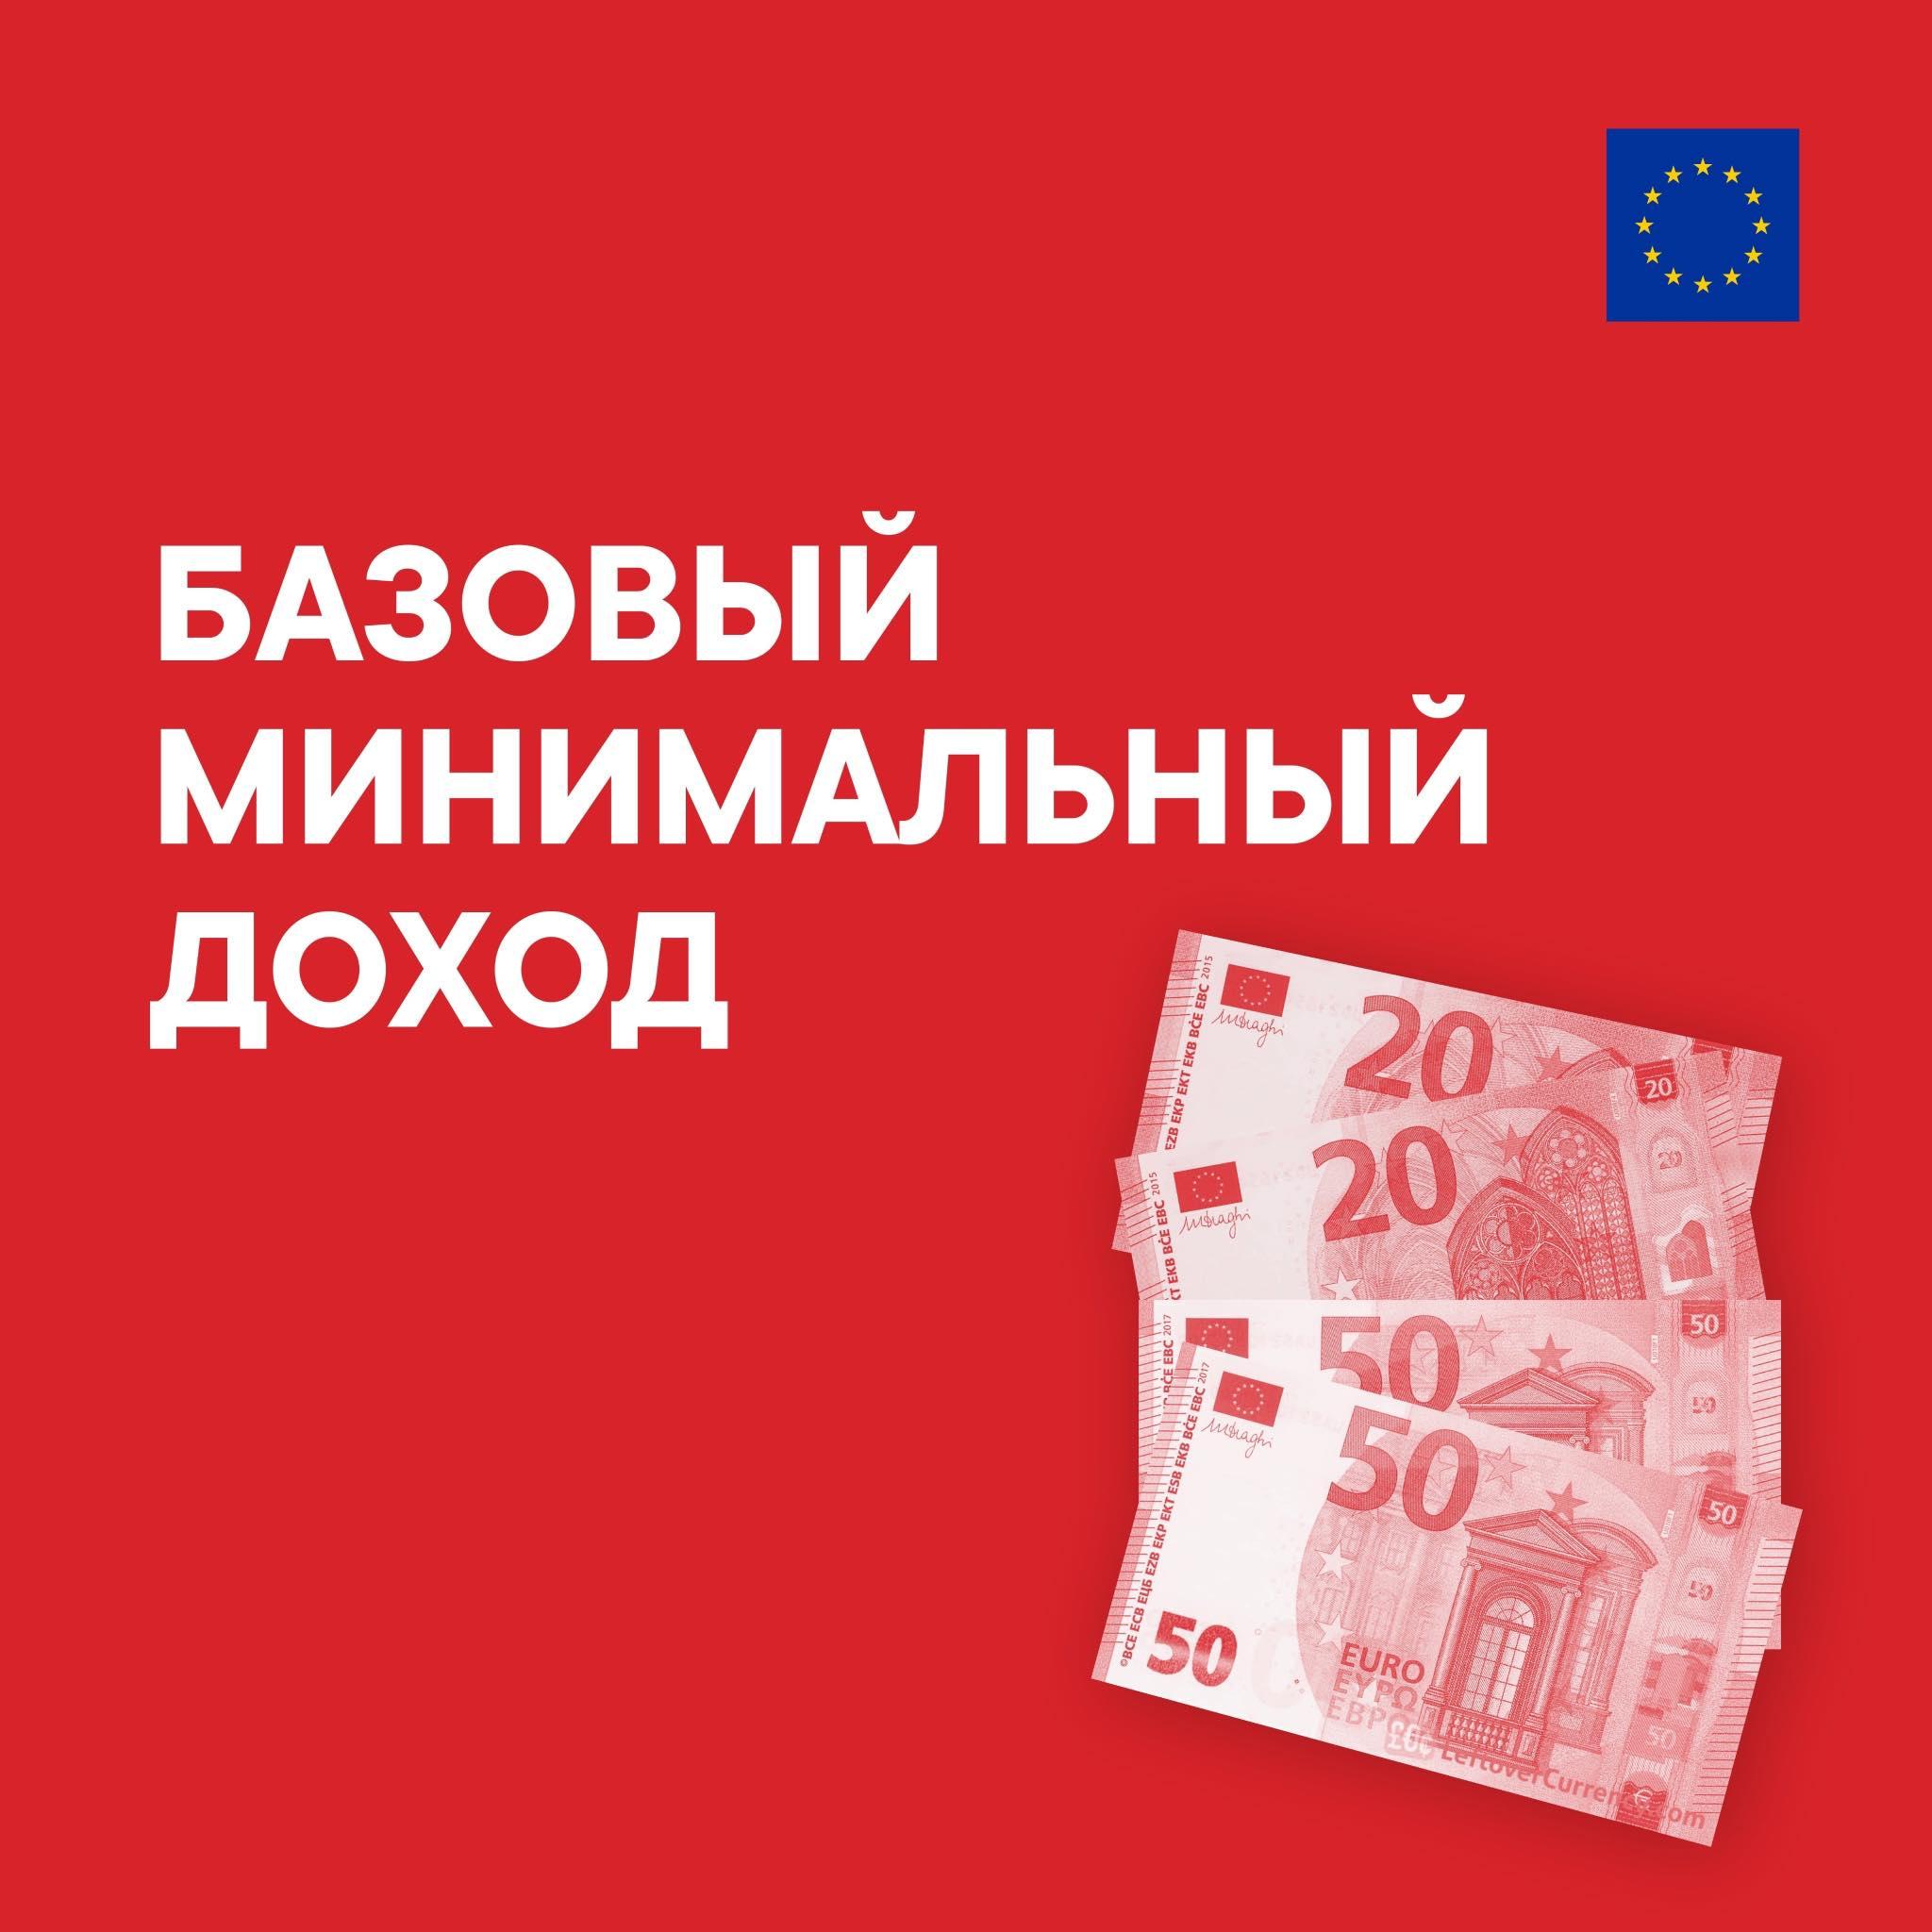 Нил Ушаков: «Этот кризис будет похож на испытания 90-х»